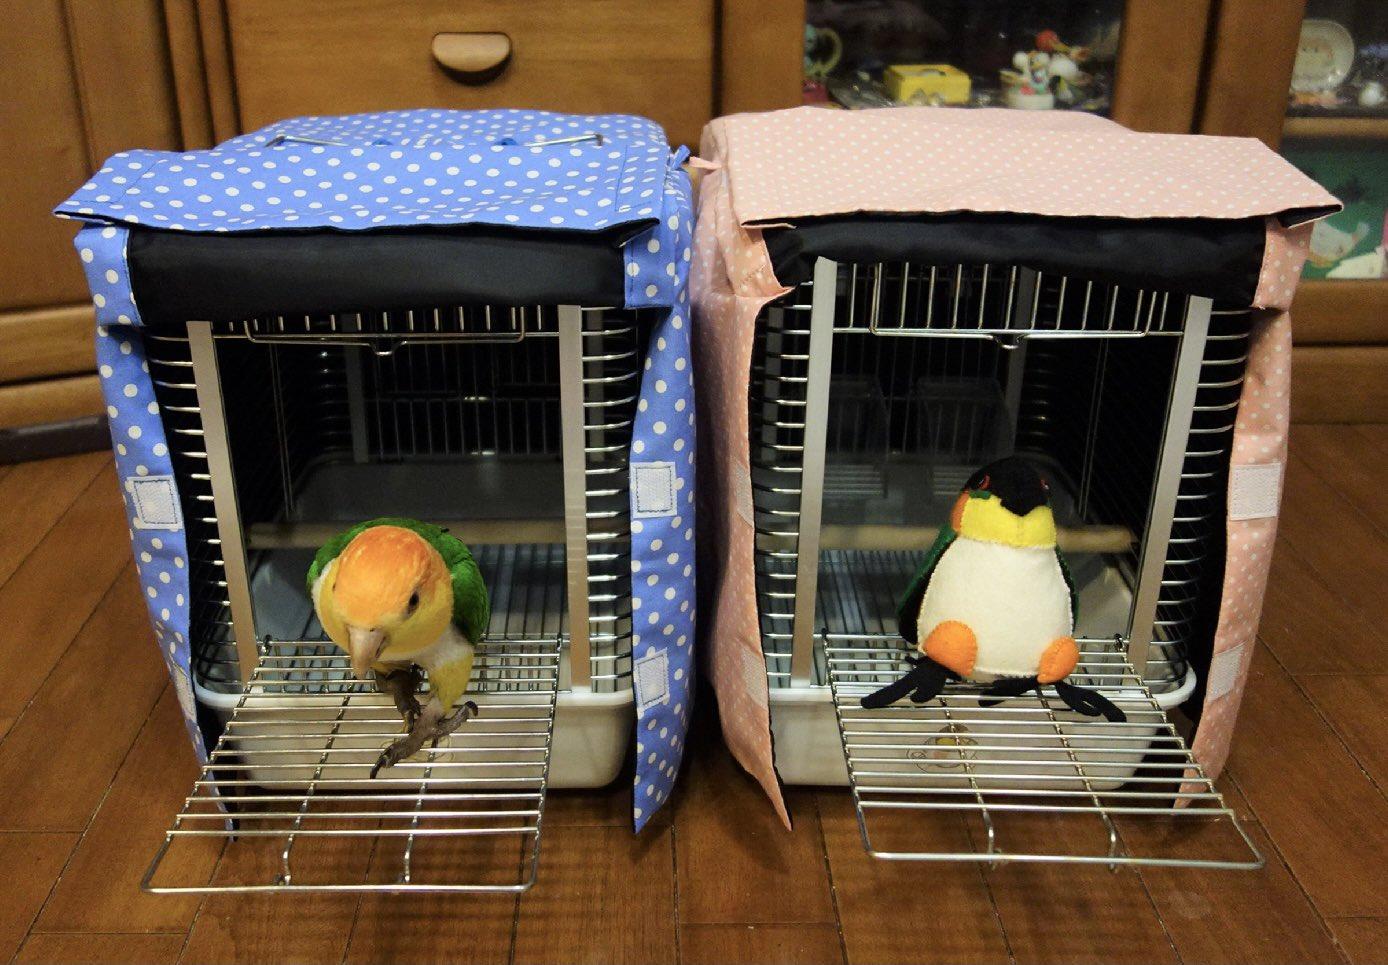 通院時、バッグは1羽の時は良いけど2羽だと出し入れがキツいし、これだとそのまま鳥が出ることができる。